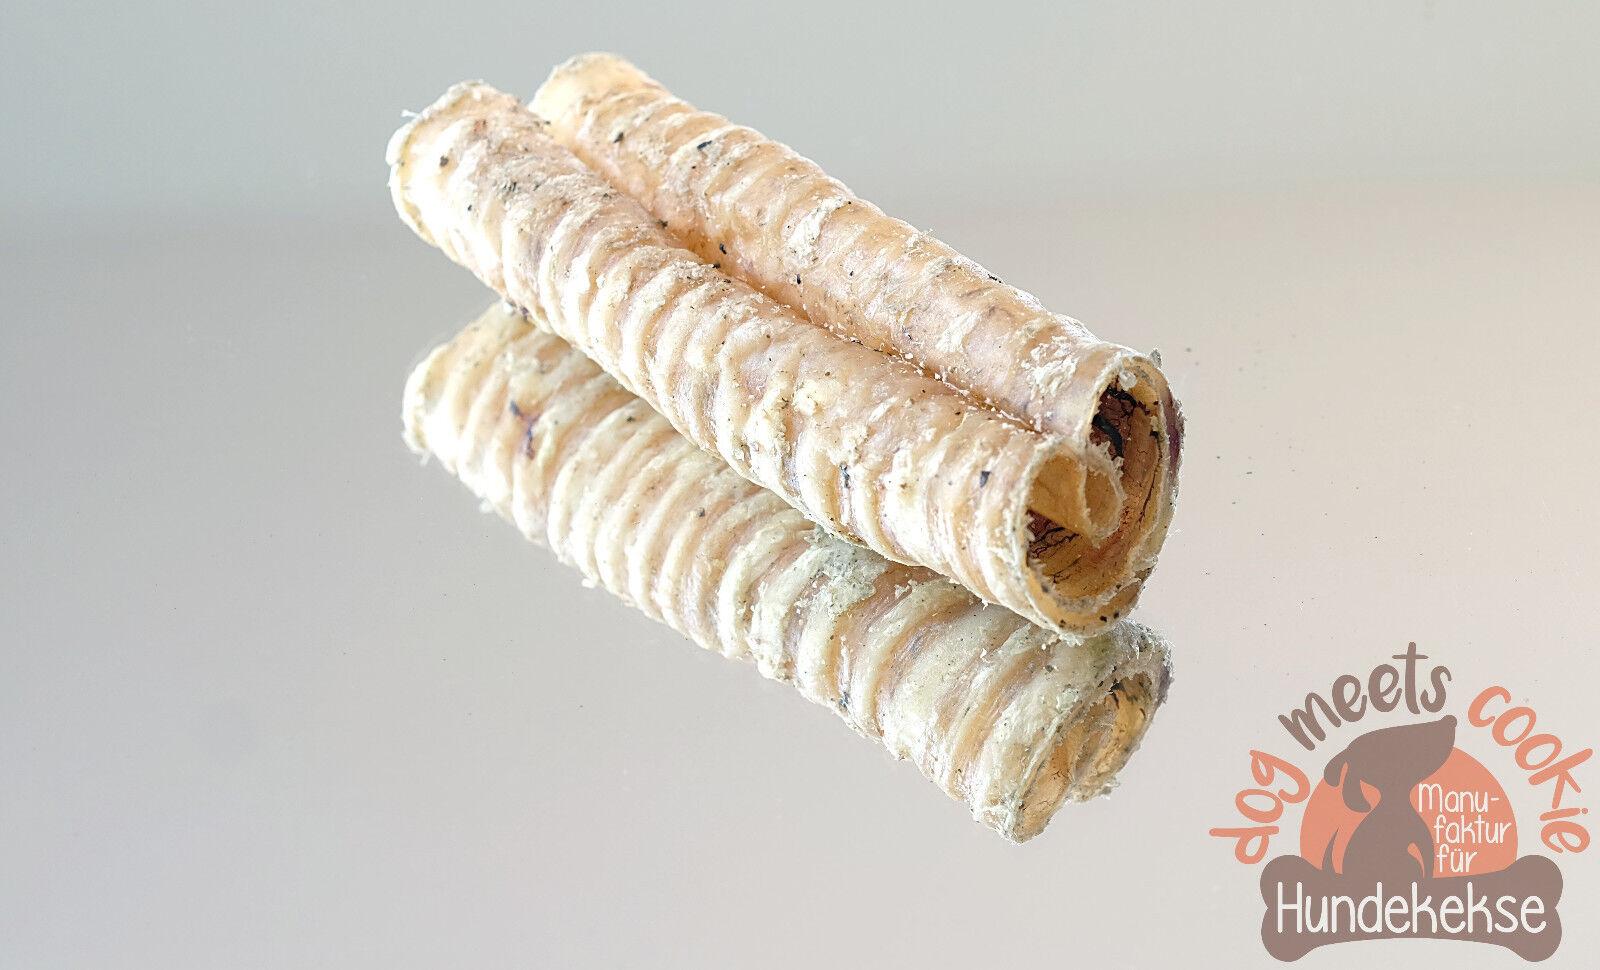 Rinderstrossen 12 cm Abschnitte Trachea Luftröhre Strossen wie Rinderohren